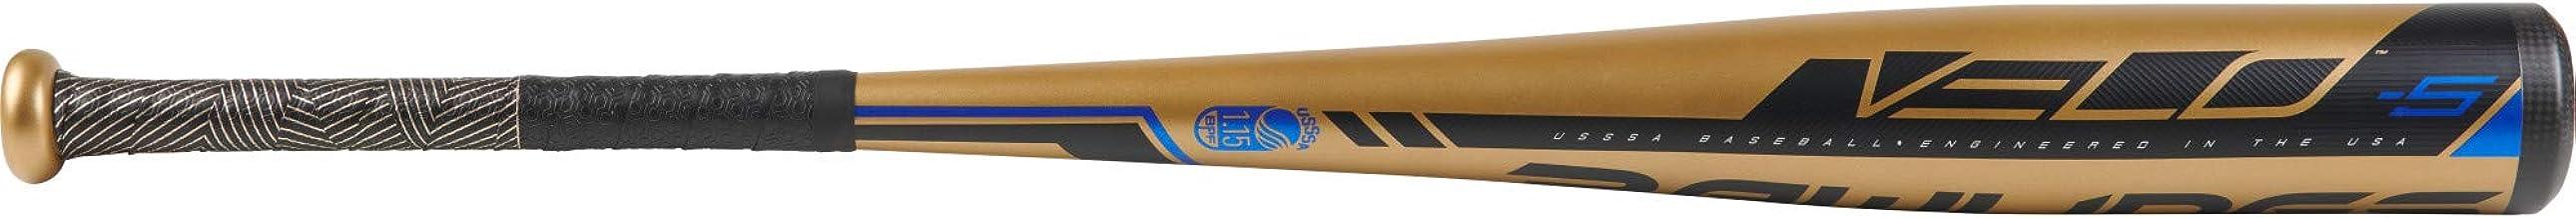 Rawlings 2019 Velo Hybrid 2-3/4 USSSA Senior League Baseball Bat